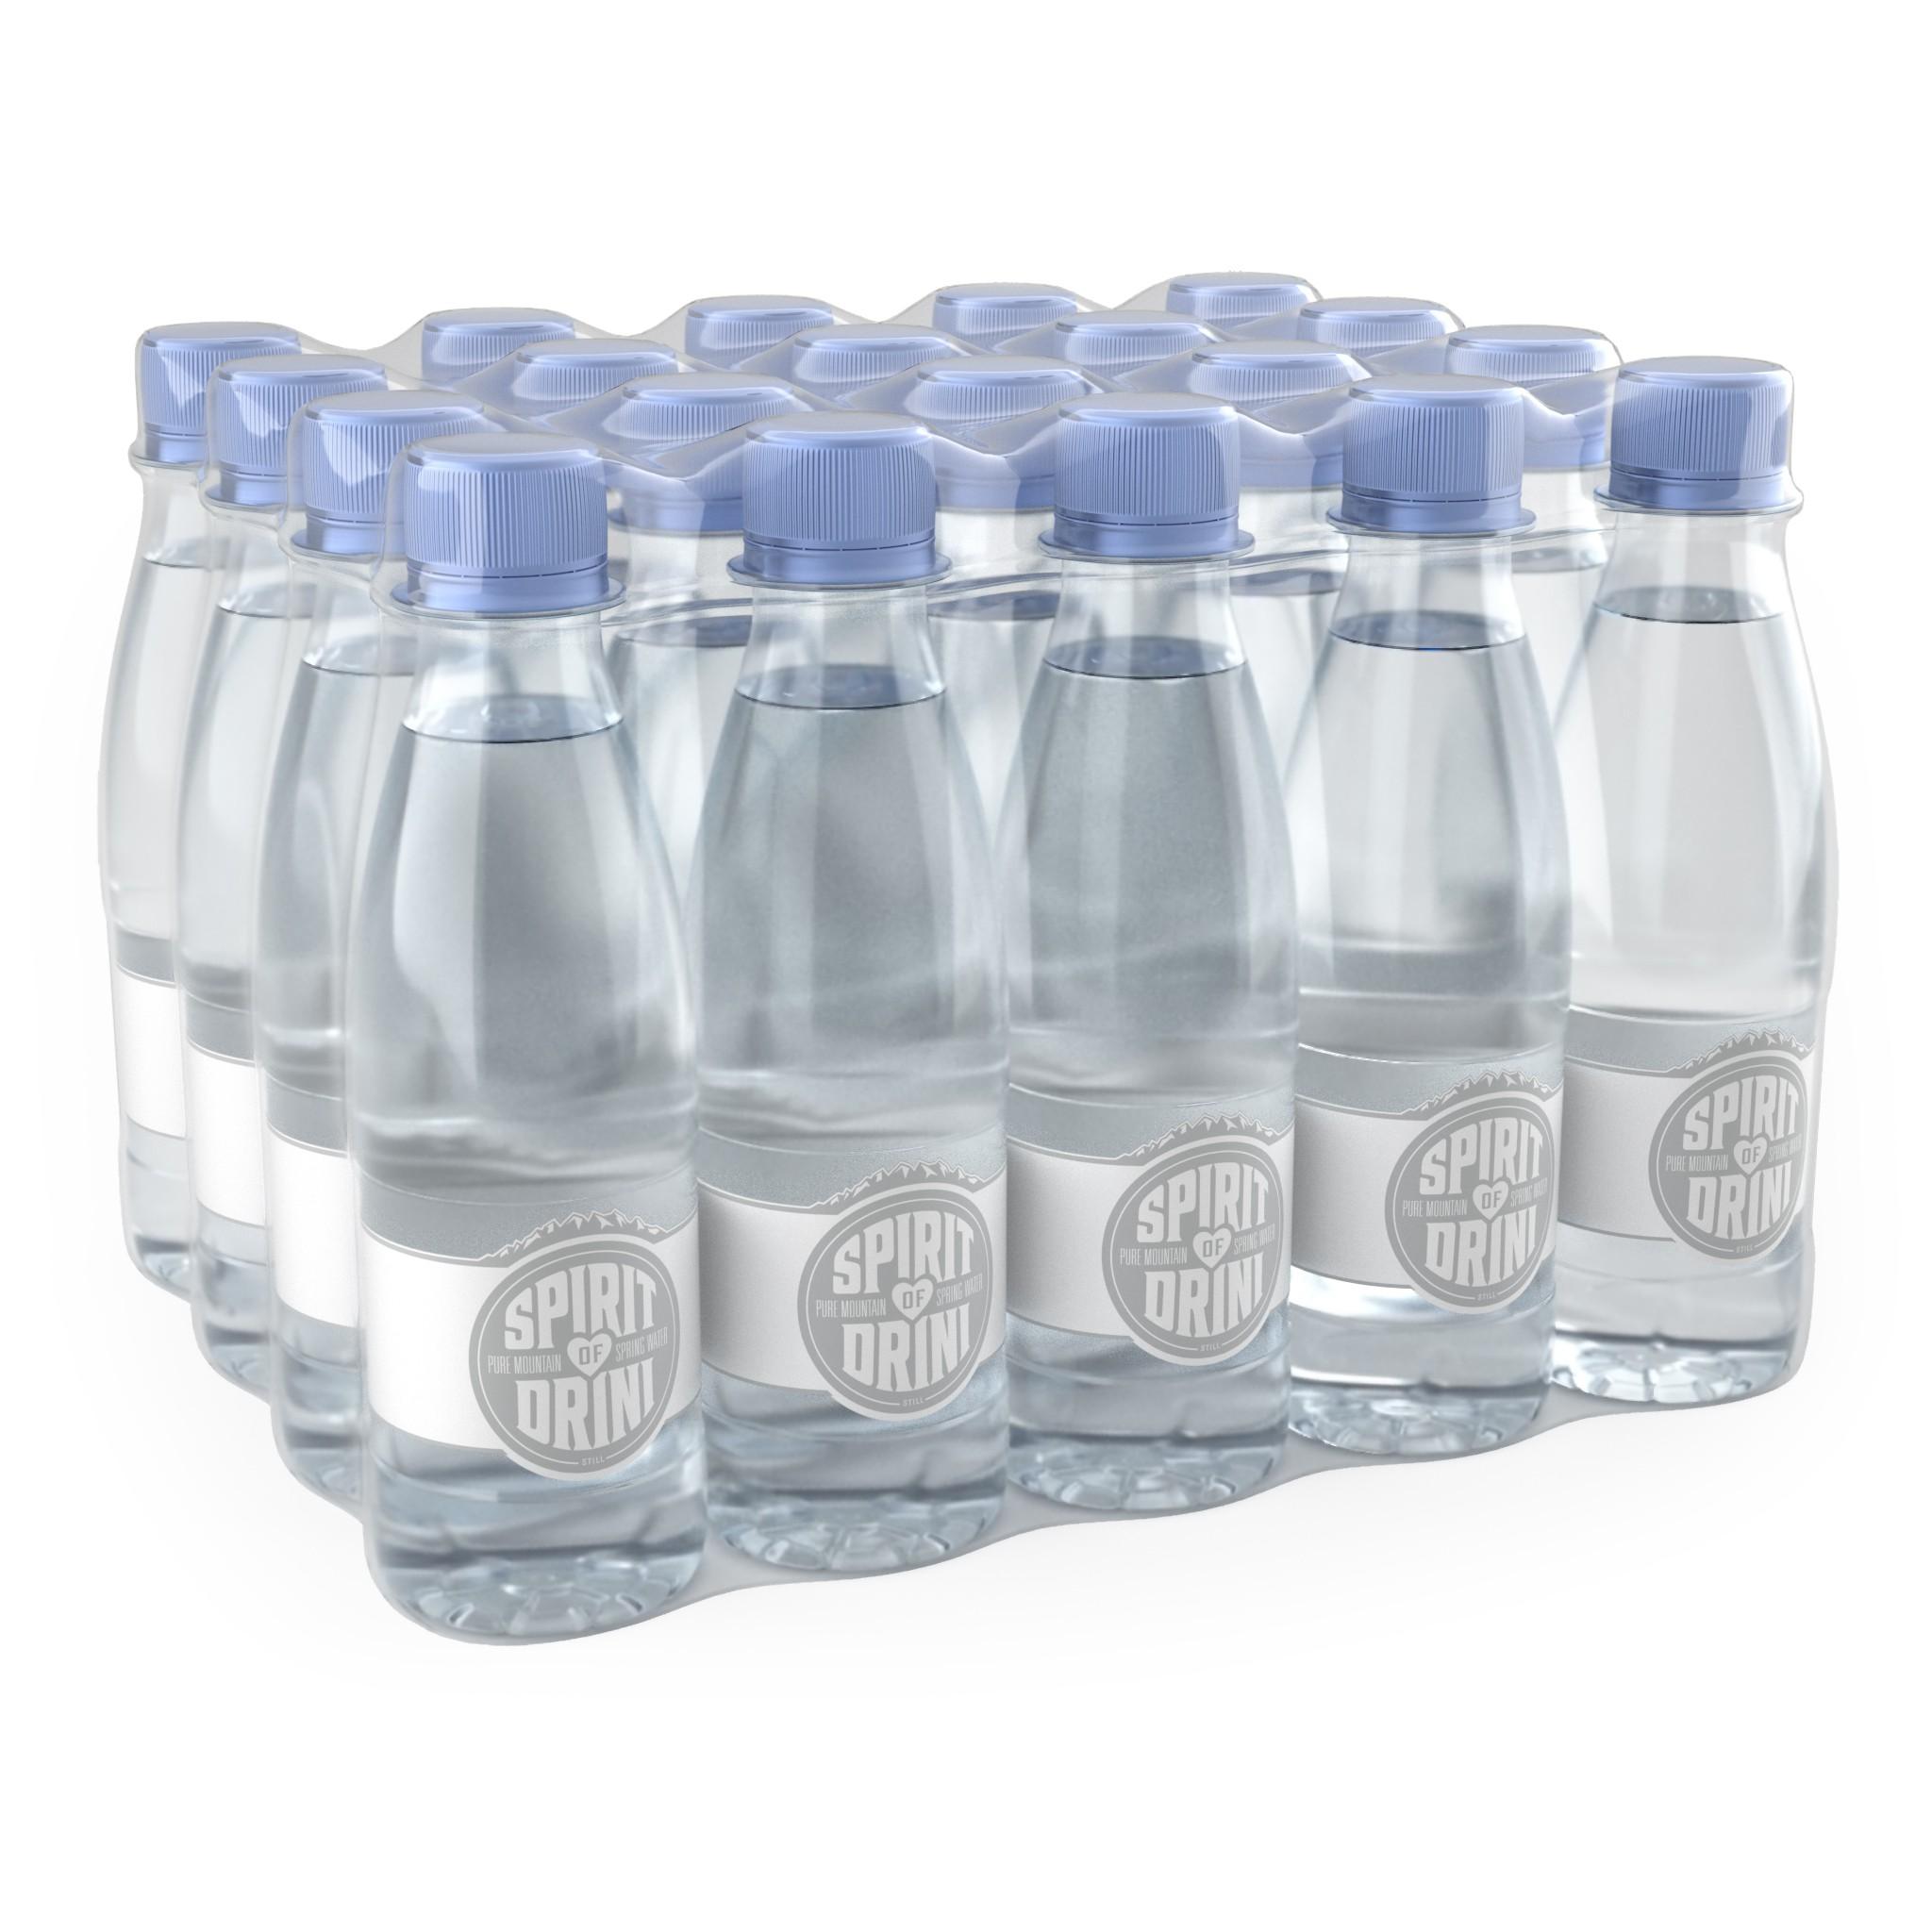 0.25L & 1.5L PET Bottle Illustrations